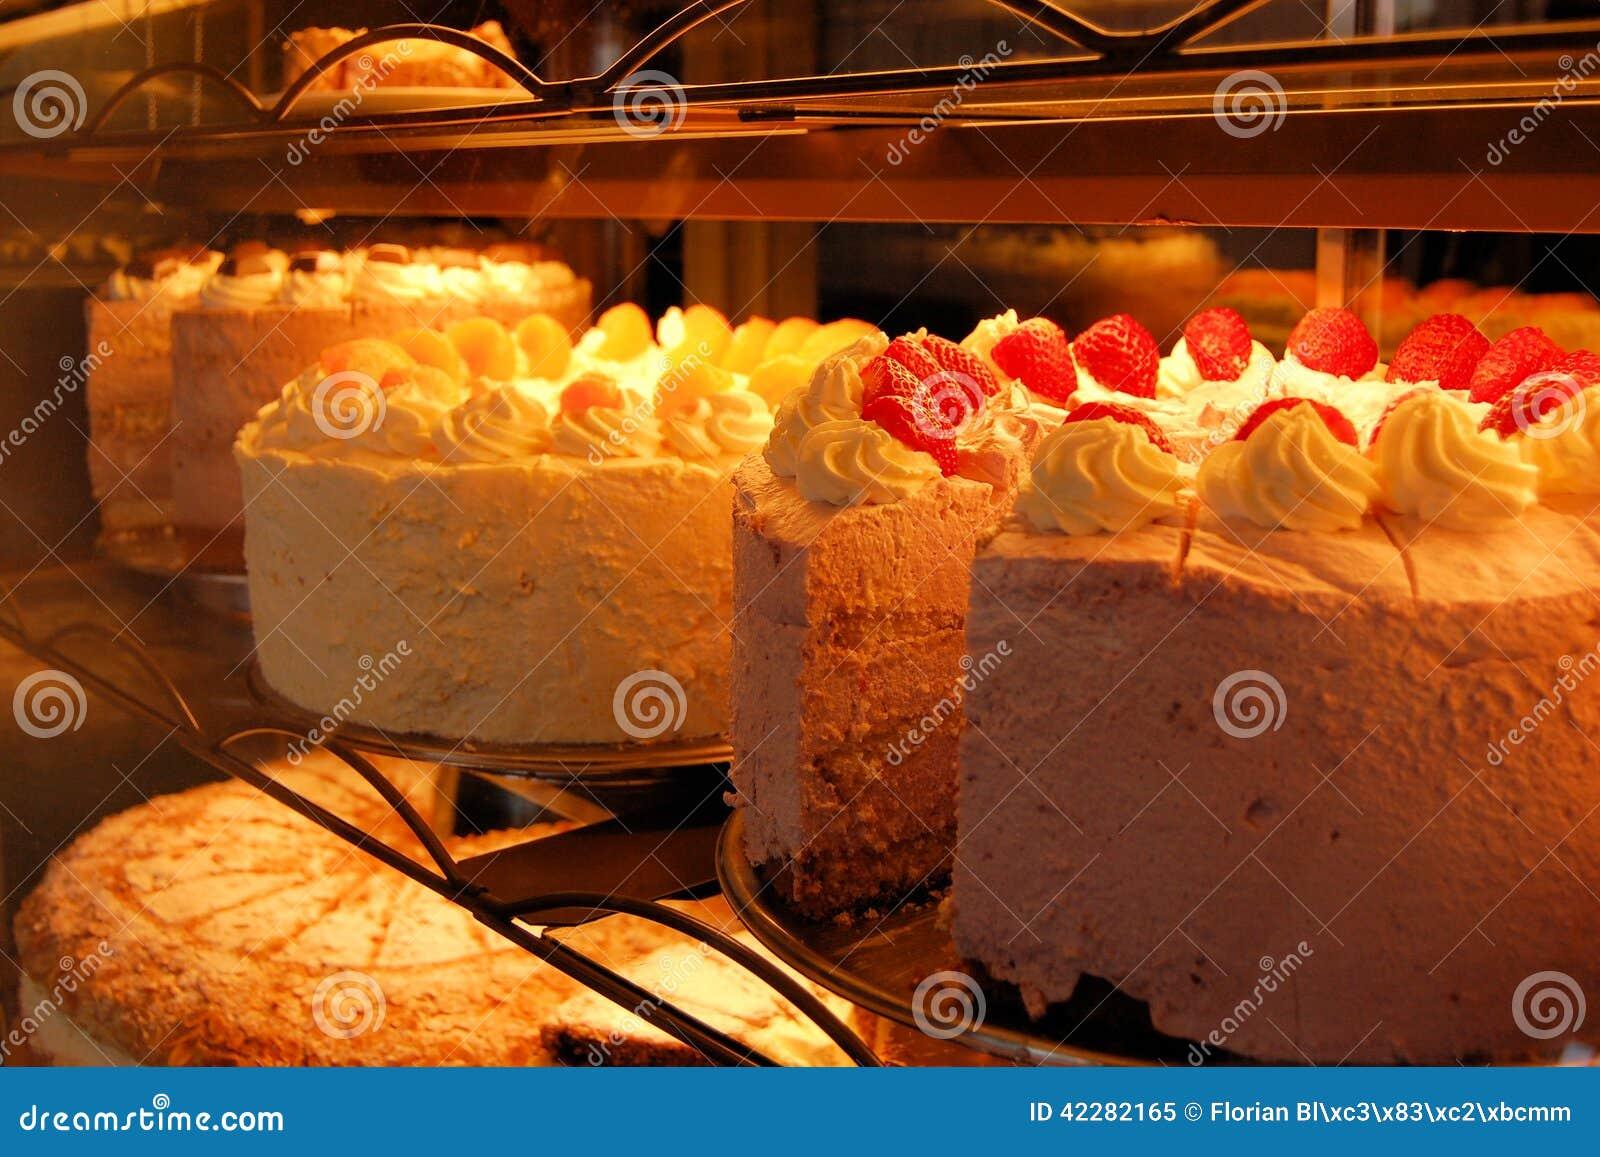 Dolci enormi con glassa nel forno tedesco immagine stock - Forno ventilato per torte ...